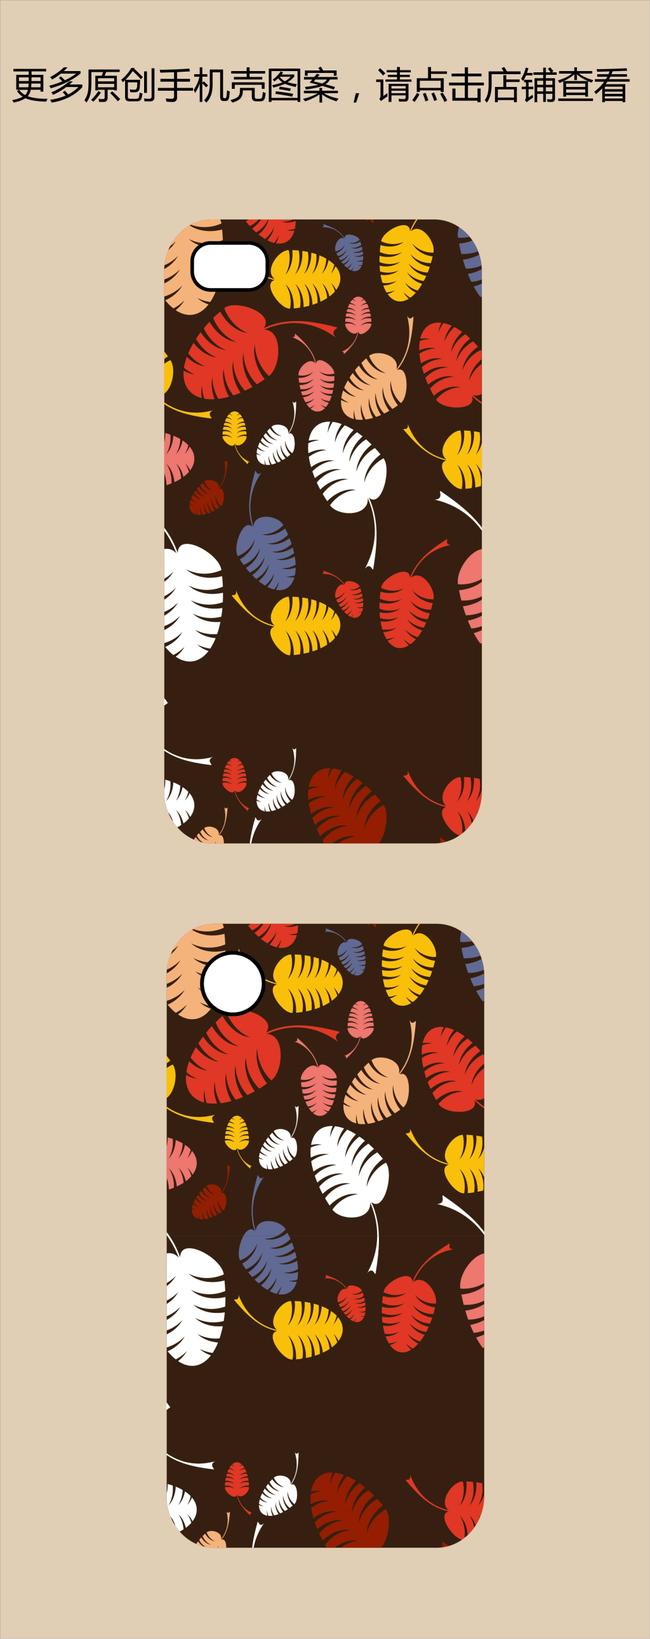 抽象手绘羽毛手机壳图案设计